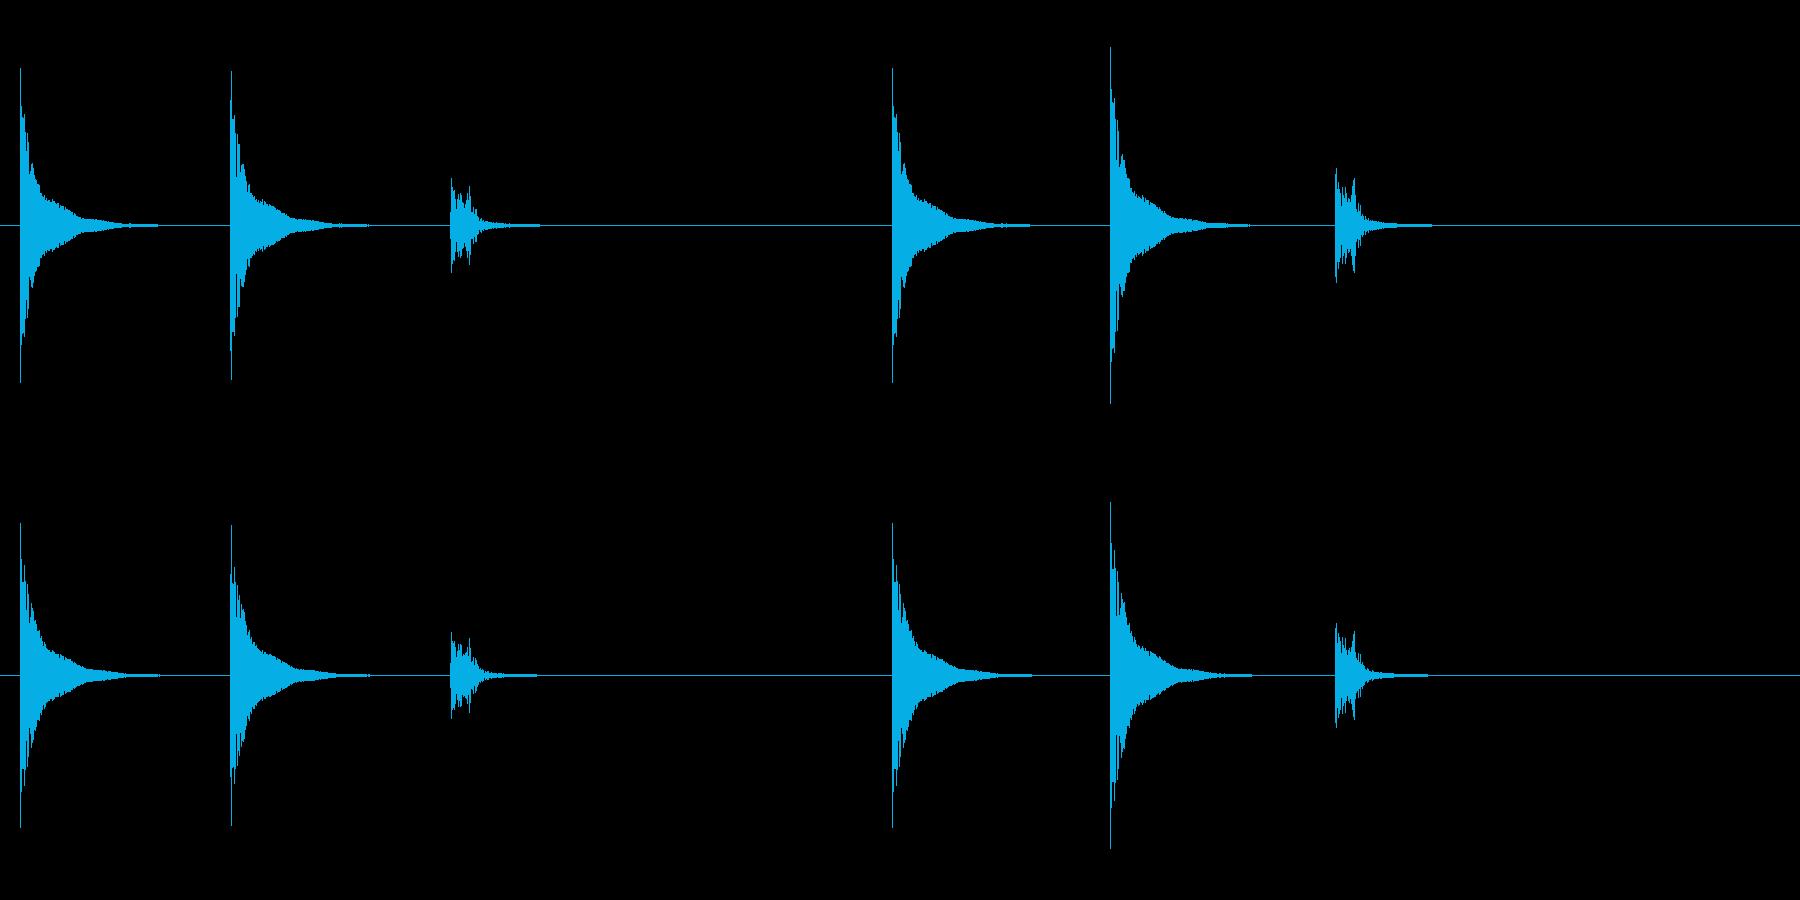 和太鼓の締太鼓のフレーズ音の再生済みの波形